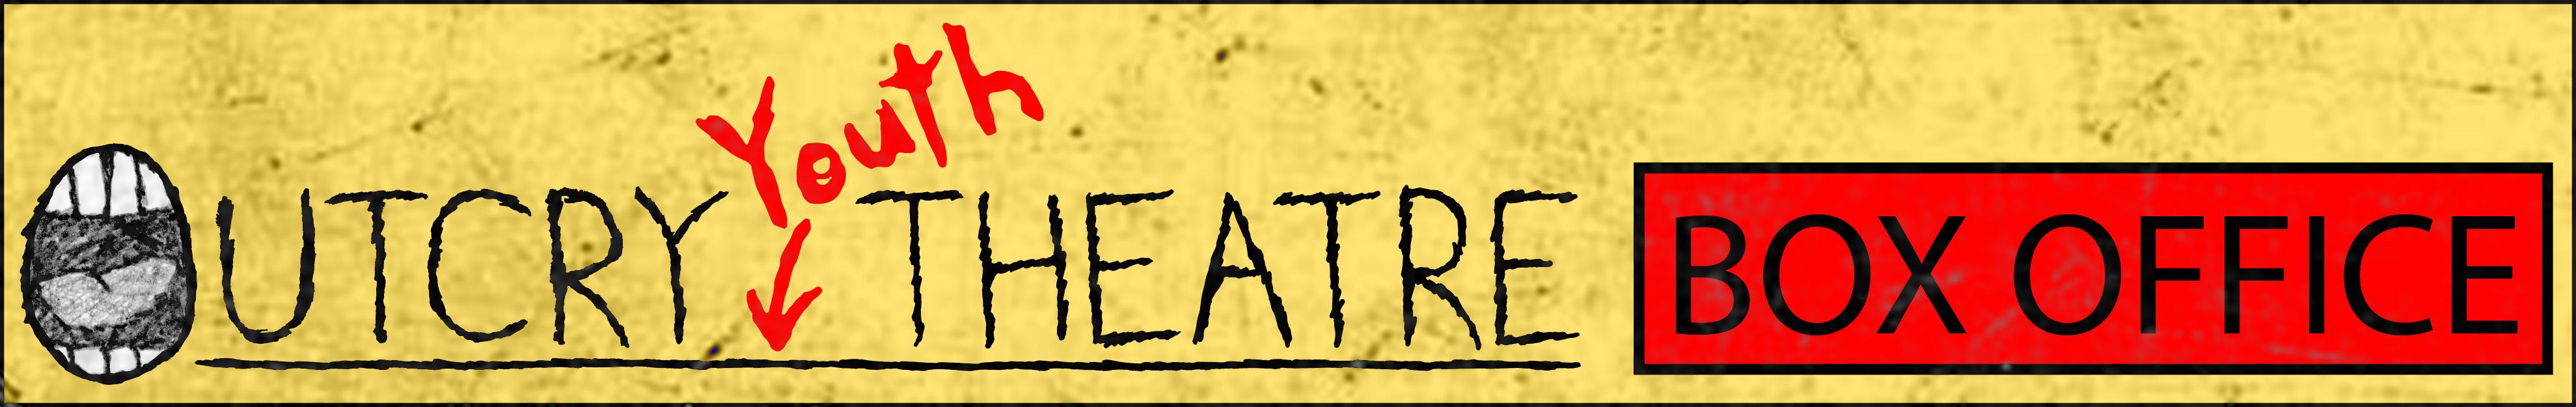 Outcry Theatre Box Office